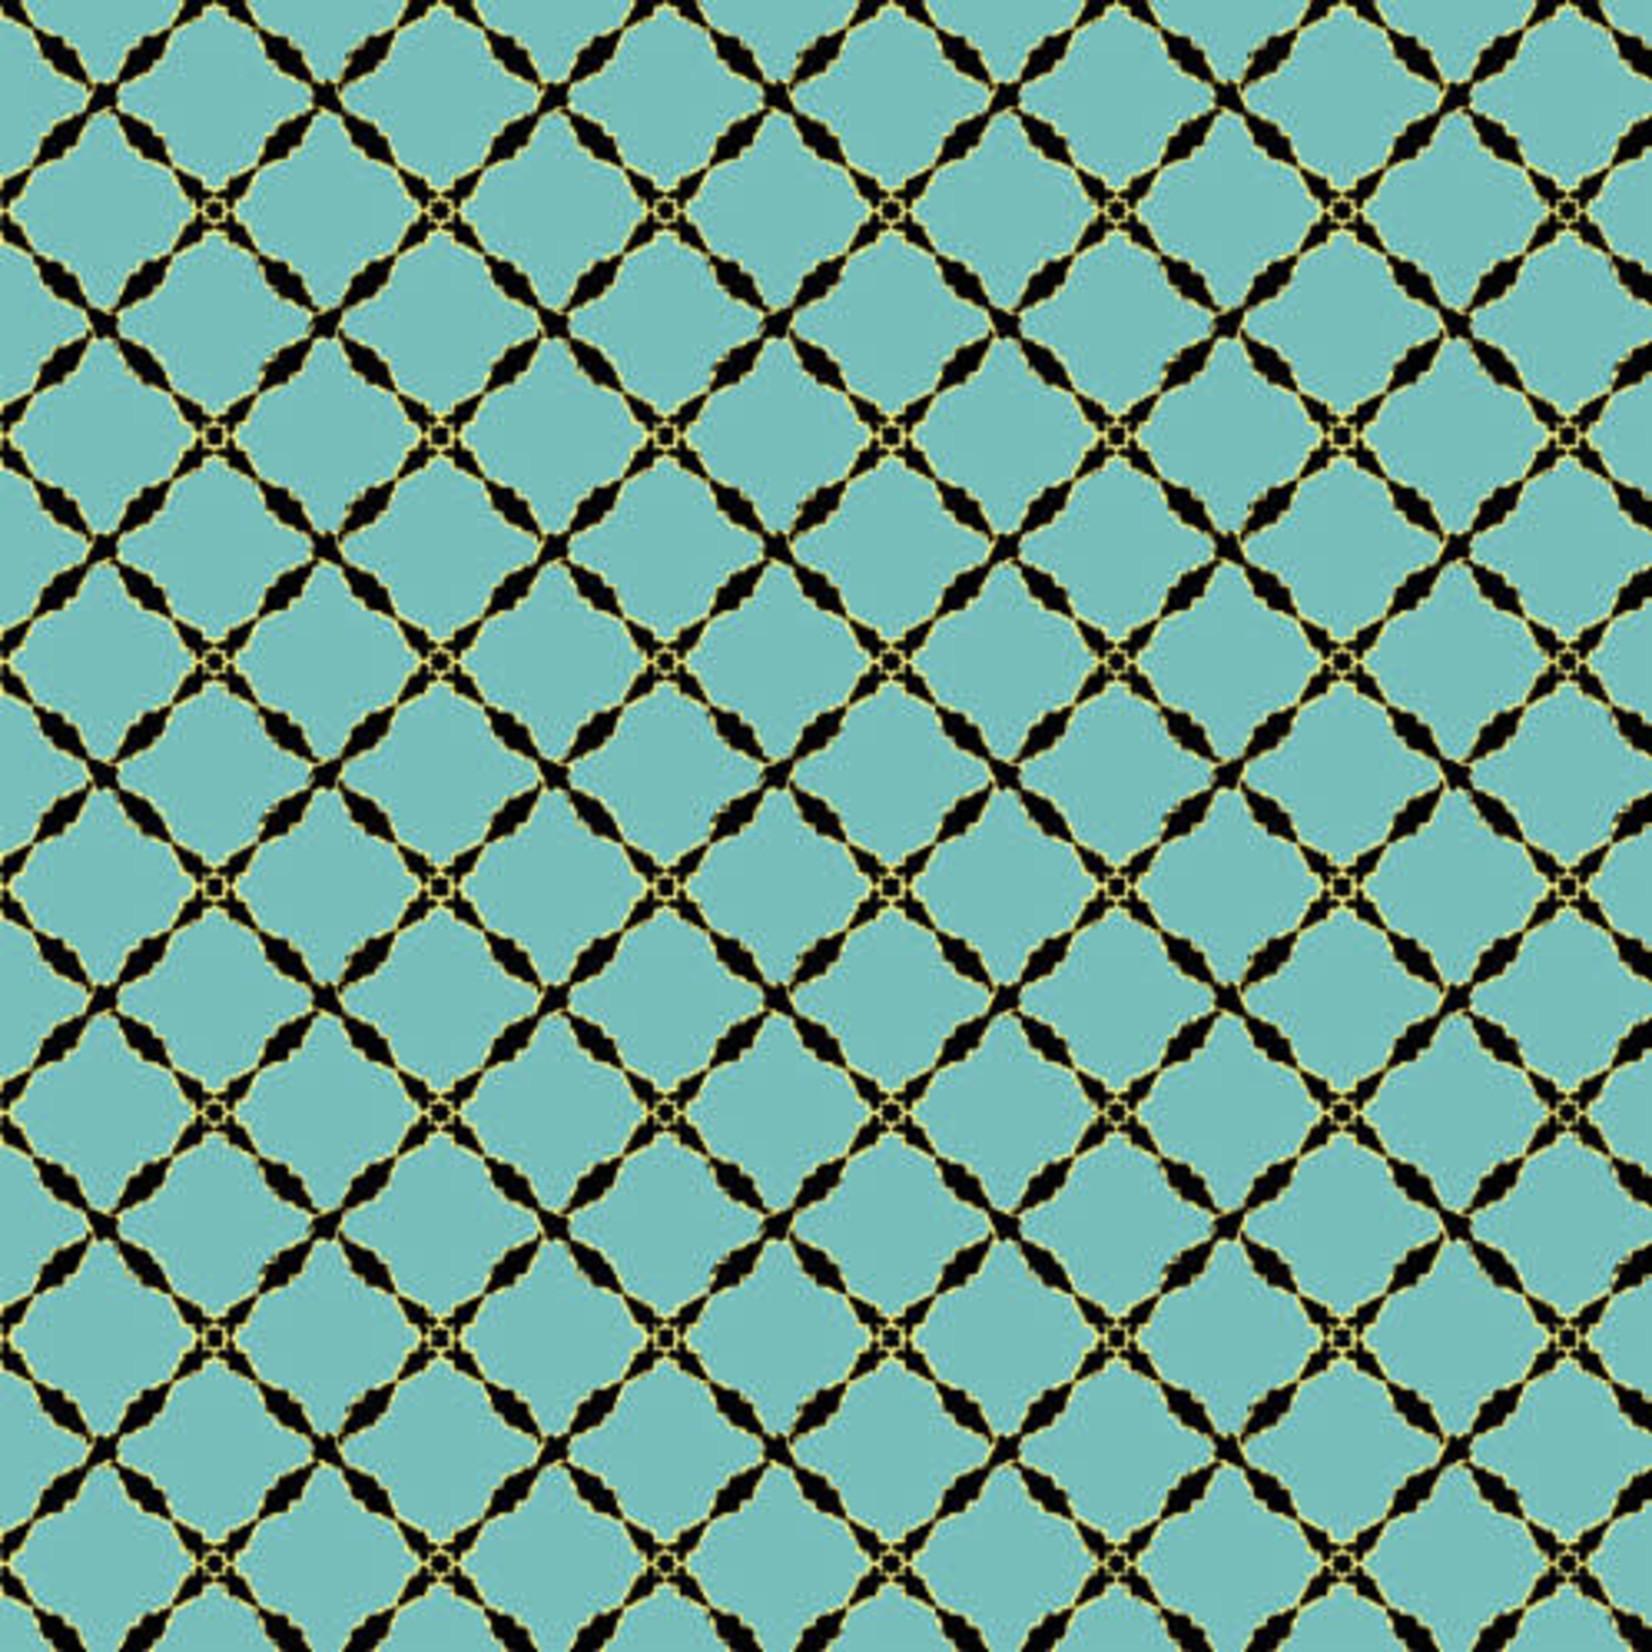 Windham Fabrics Grand Illusion - Lattice - Turquoise